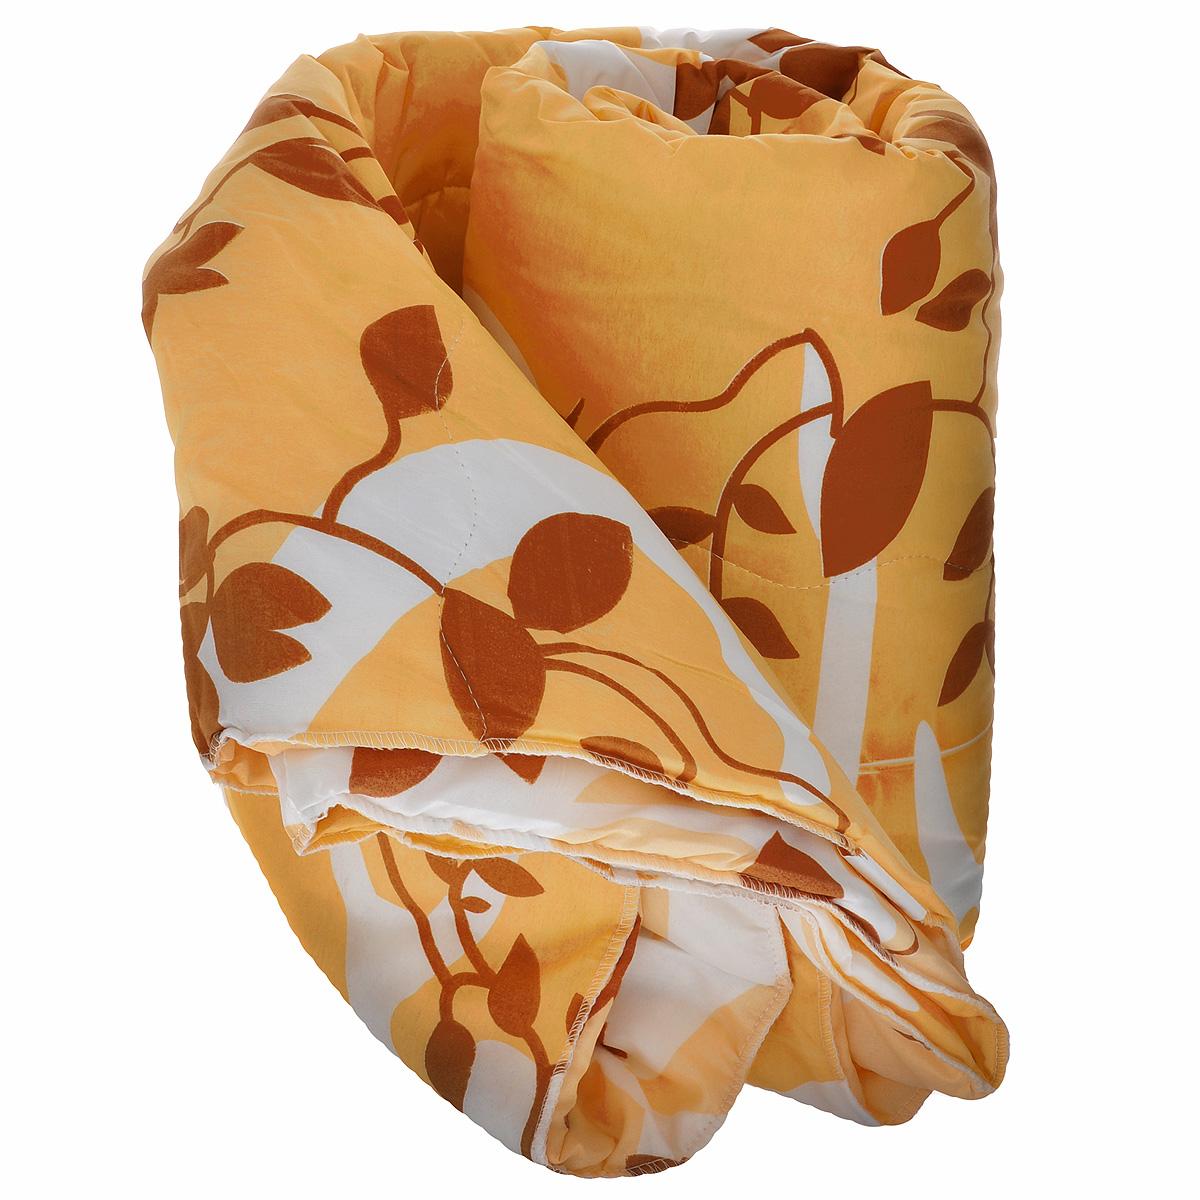 Одеяло Ник Мечта, наполнитель: термофайбер, цвет: желтый, 170 х 205 смОМ-170-205_желтыйОдеяло Ник приятно удивит вас и создаст атмосферу тепла и комфорта в вашем доме. Одеяло изготовлено из полиэстера, а наполнителем является термофайбер. Термофайбер - нетканое полотно, состоящее из полого полиэфирного силиконизированного и легкоплавкого волокон. Полое силиконизированное полиэфионое волокно - это великолепный современный наполнитель для постельных принадлежностей. Соединяясь между собой, волокна образуют упругую пружинистую структуру. Благодаря ей наполнитель удерживает тепло в холодную погоду и не препятствует свободной циркуляции воздуха для удаления влаги в жаркую погоду. Наполнитель не сваливается и не приминается, великолепно сохраняя форму даже после многократных стирок и сушек, подходит людям, страдающим аллергией на пух и перья. Свойства термофайбера: - отличные теплоизоляционные свойства; - воздухопроницаемость; - гипоаллергенность; - простой и легкий уход; - быстро высыхает и восстанавливает объем после...